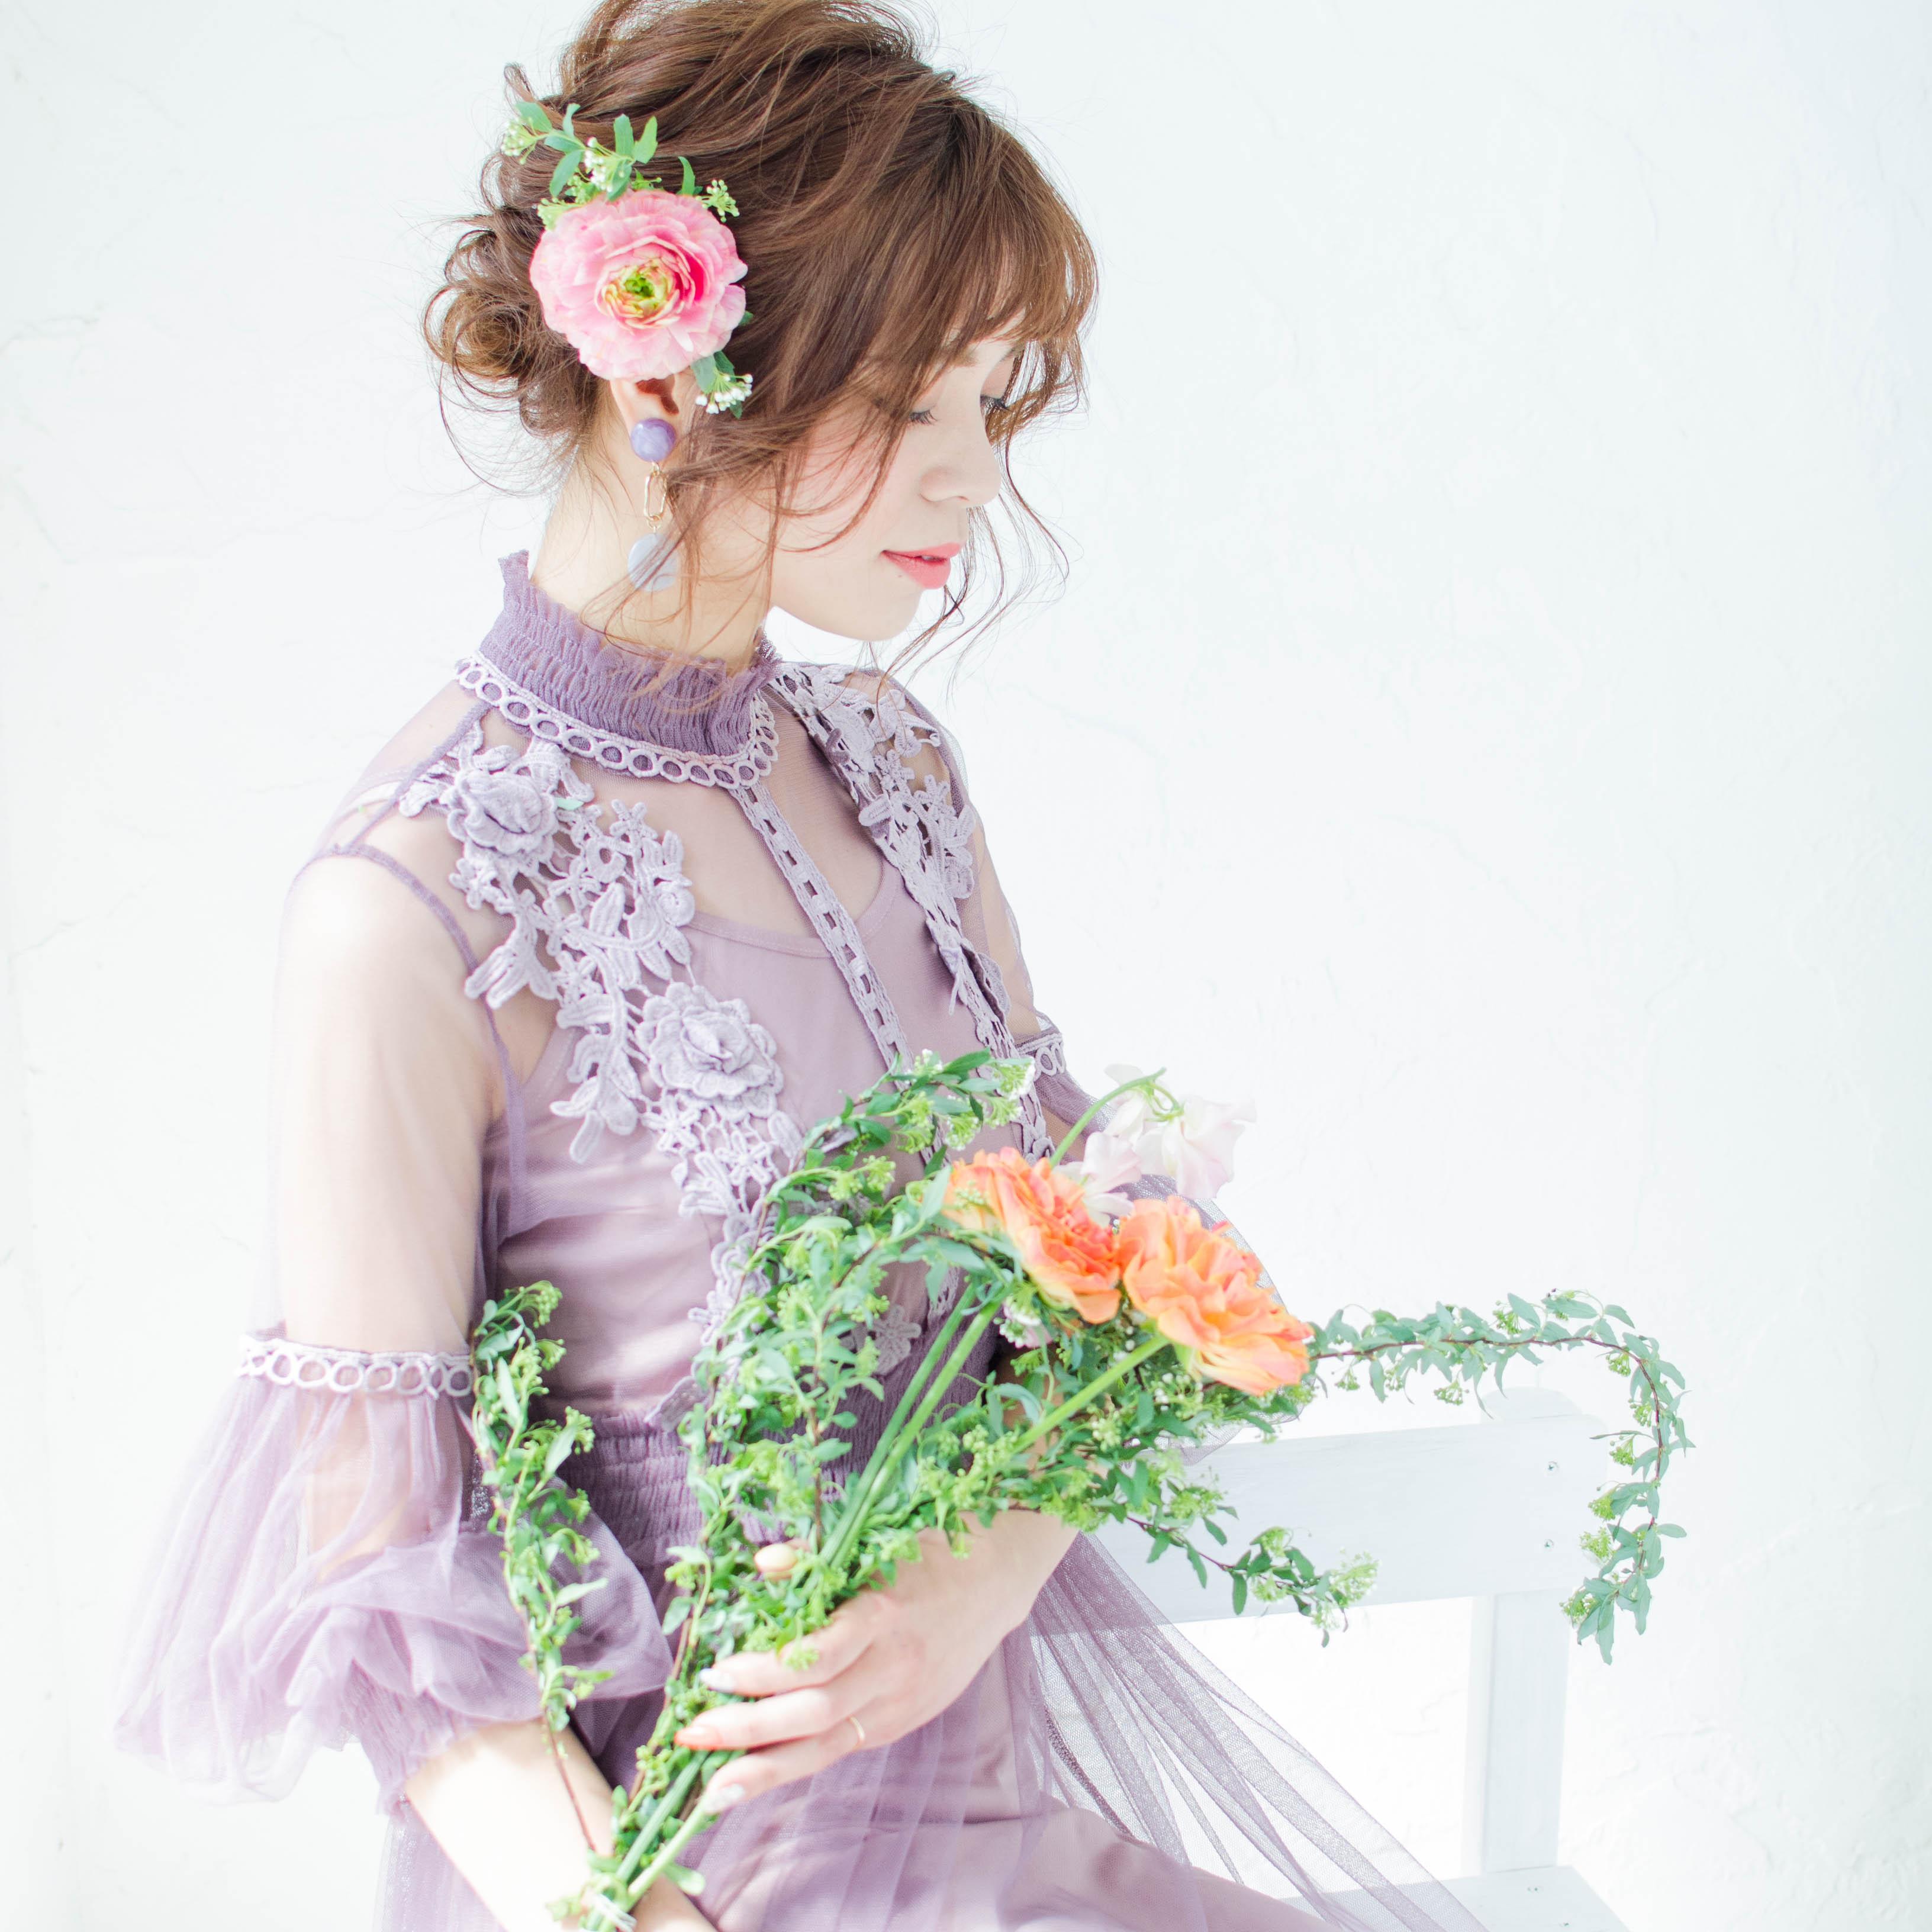 Kasumi Nishimoto